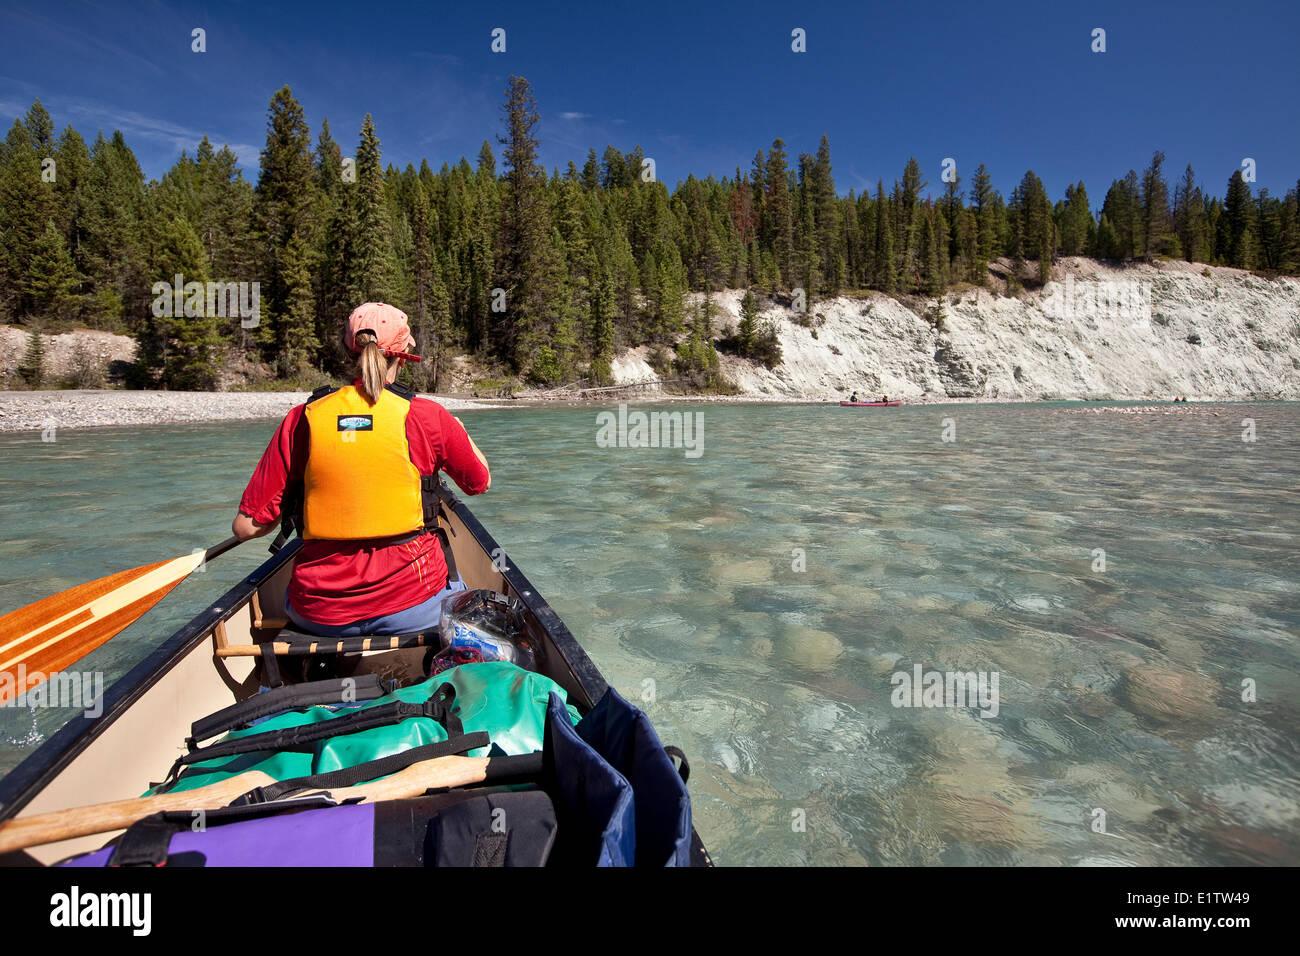 Mujer en Río viaje en canoas por el Río Kootenay, Parque Nacional de Kootenay, BC, Canadá. Imagen De Stock